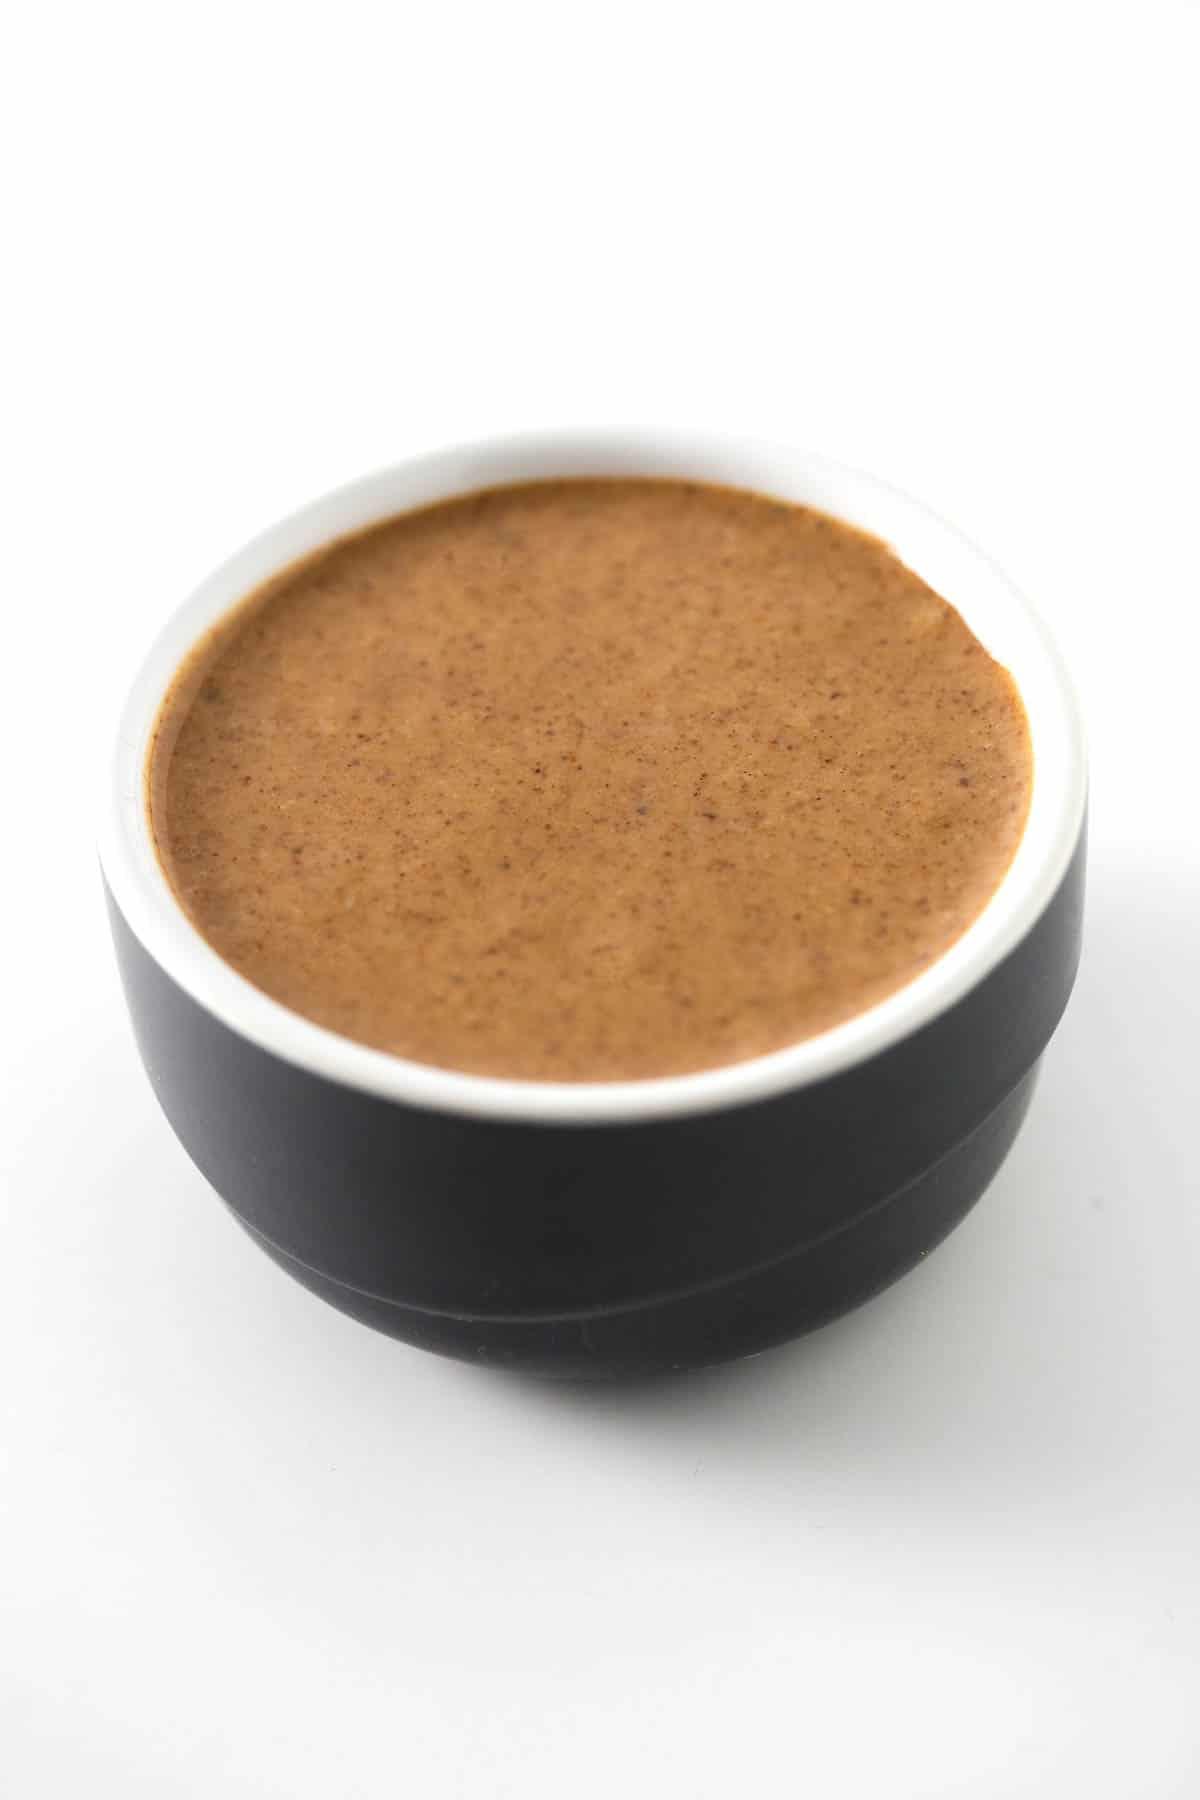 Mantequilla de Almendras Casera (Cruda y Tostada) - Hacer mantequilla de almendras en casa es muy sencillo y sólo se necesita un ingrediente: almendras. Os enseñamos a preparar mantequilla cruda o tostada.